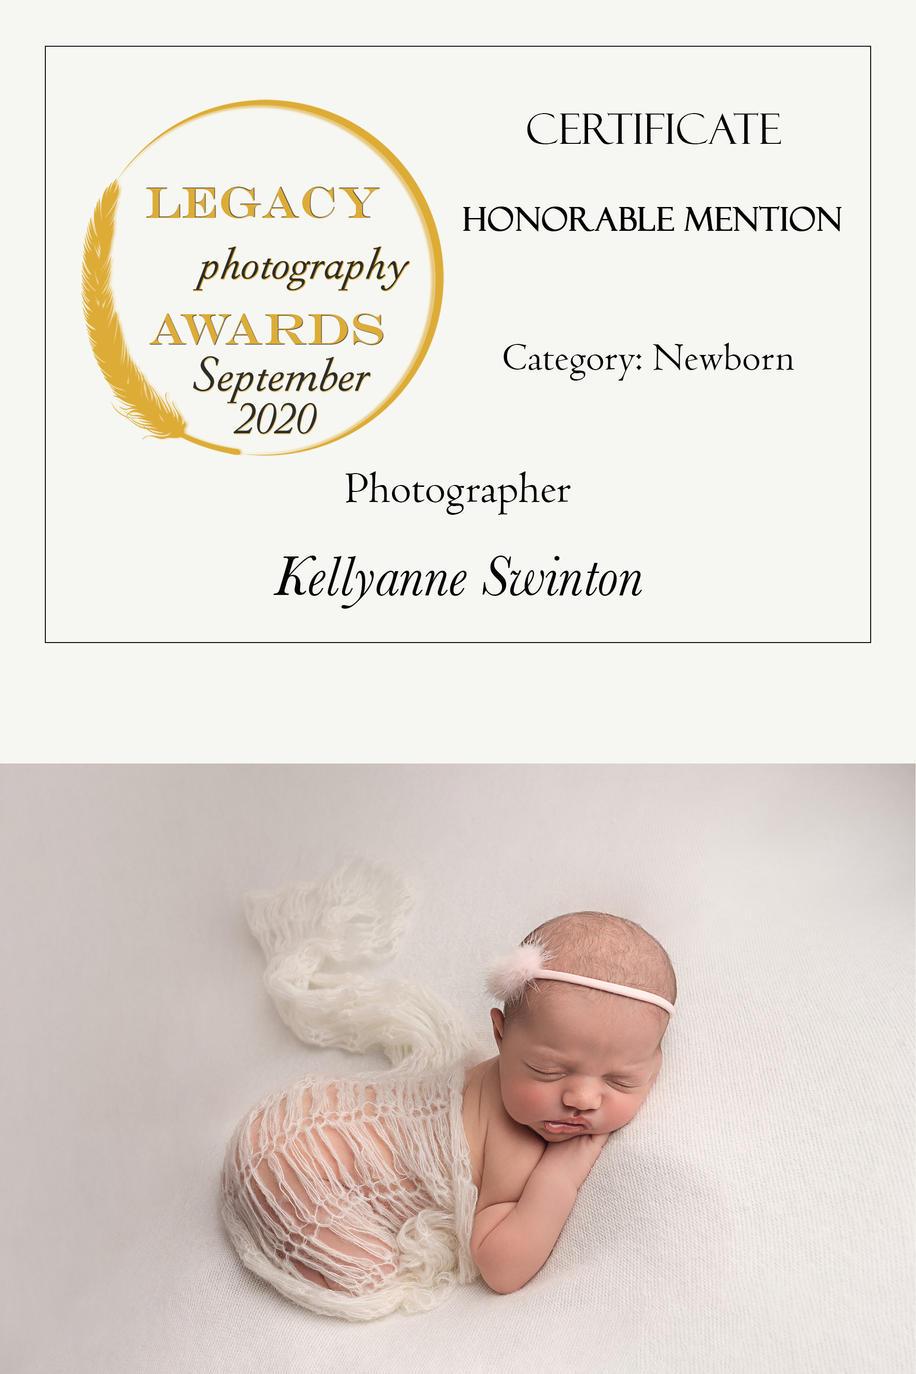 HM4 Kellyanne Swinton.jpg